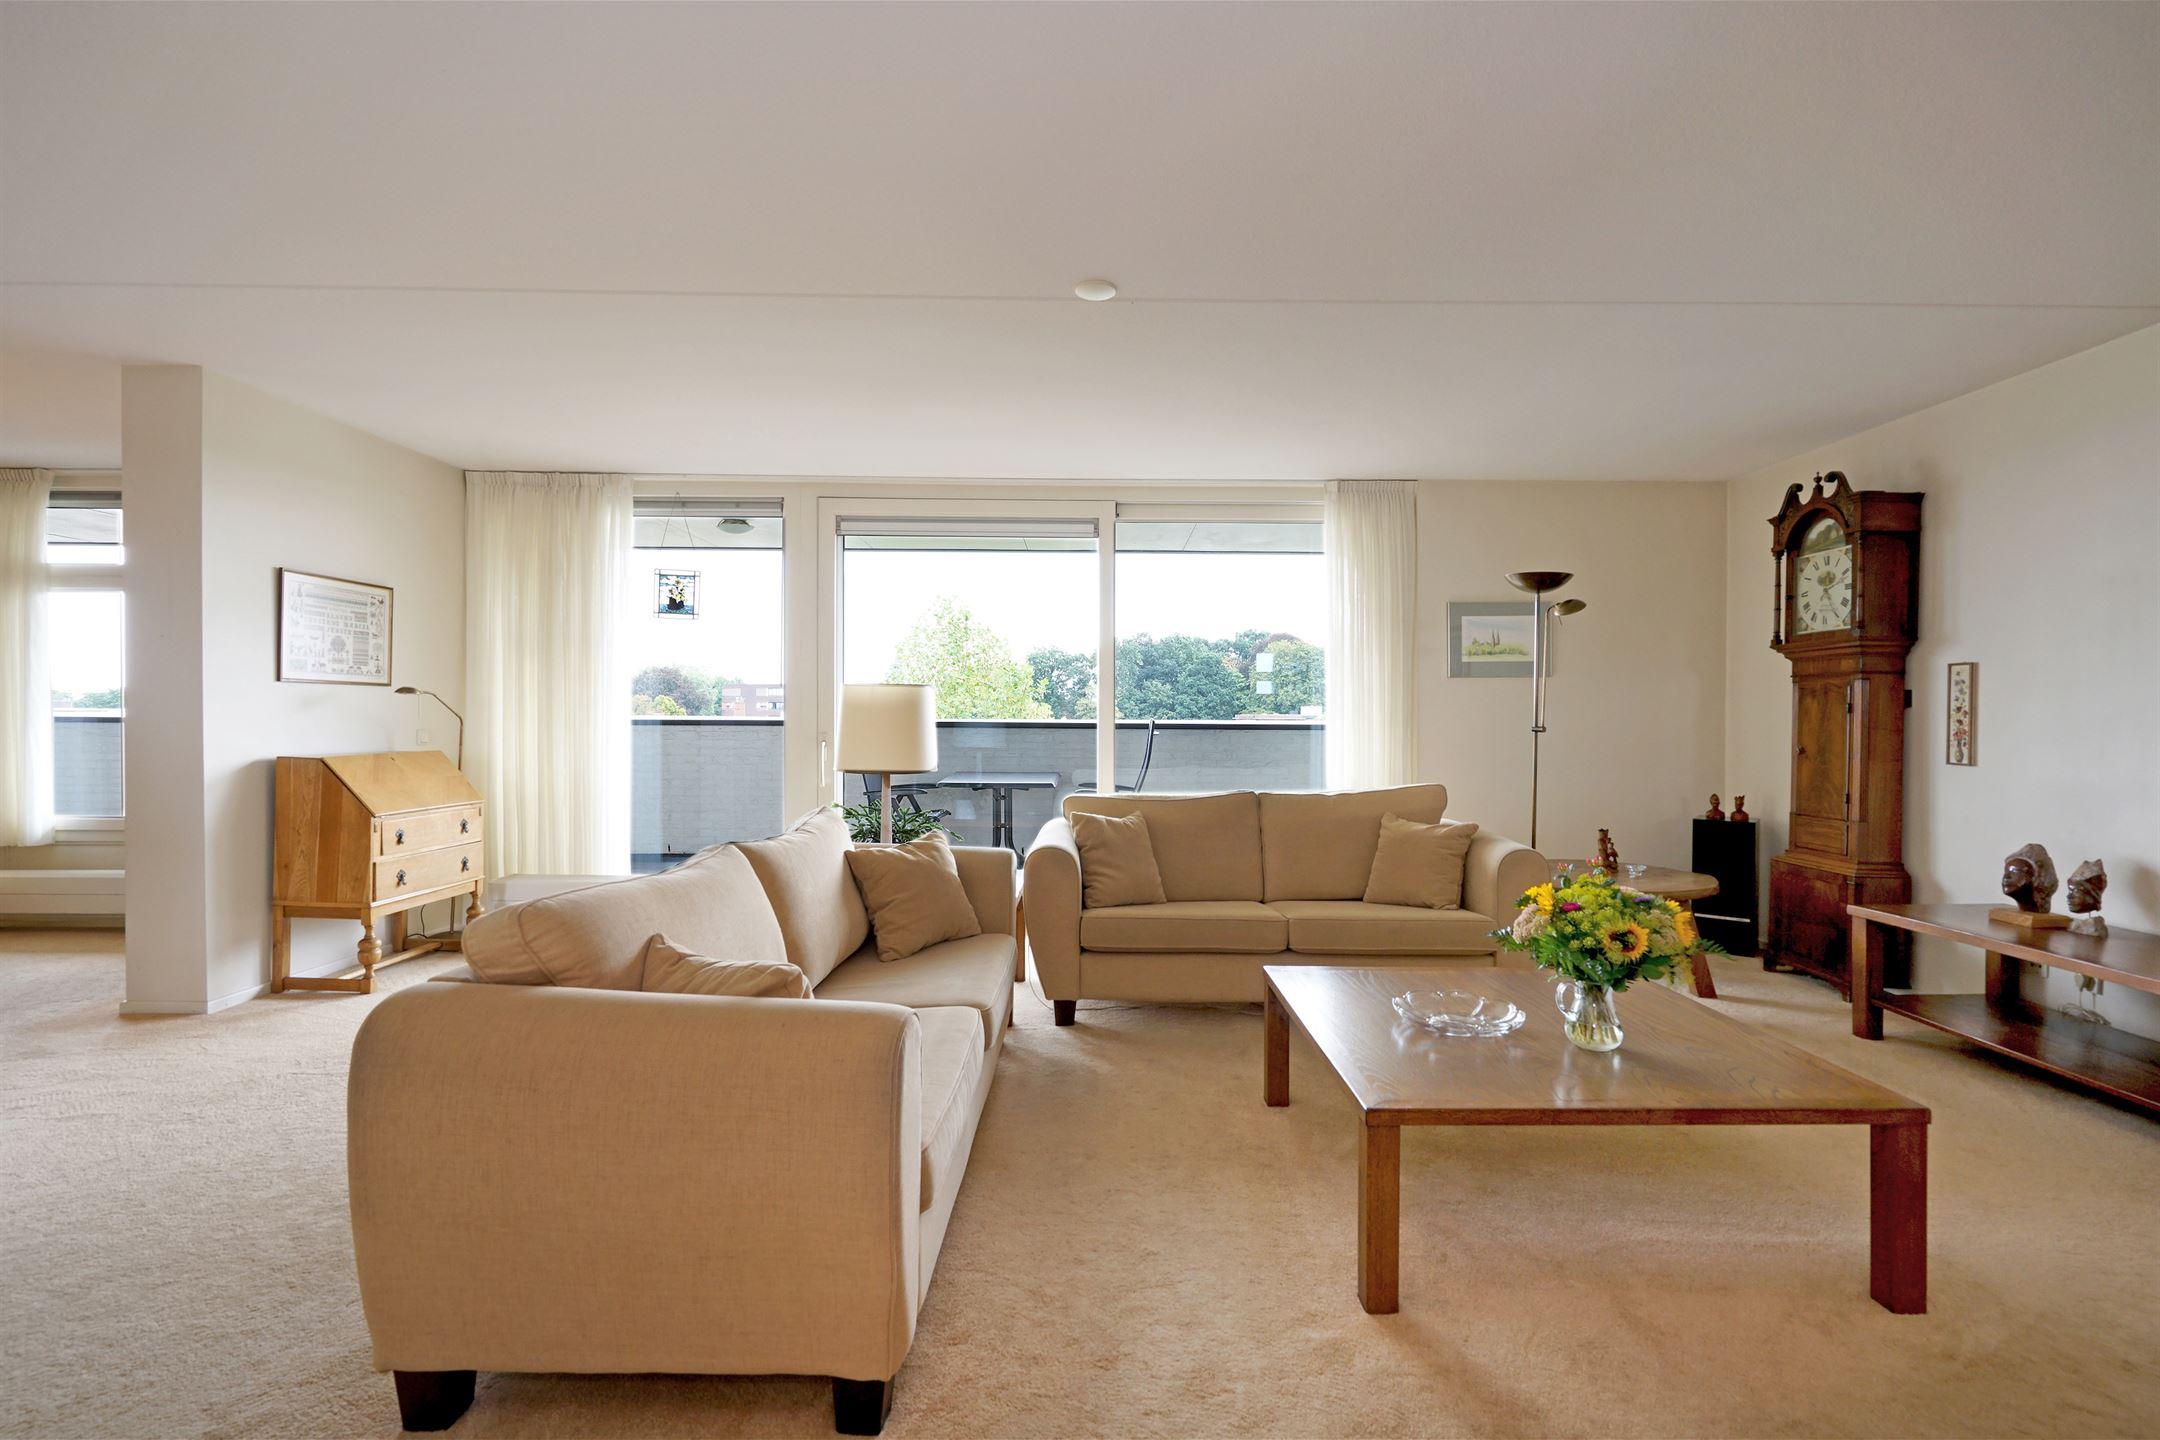 Slaapkamer Meubels Waalwijk : Appartement te koop: frederik hendrikhof 34 5141 se waalwijk [funda]